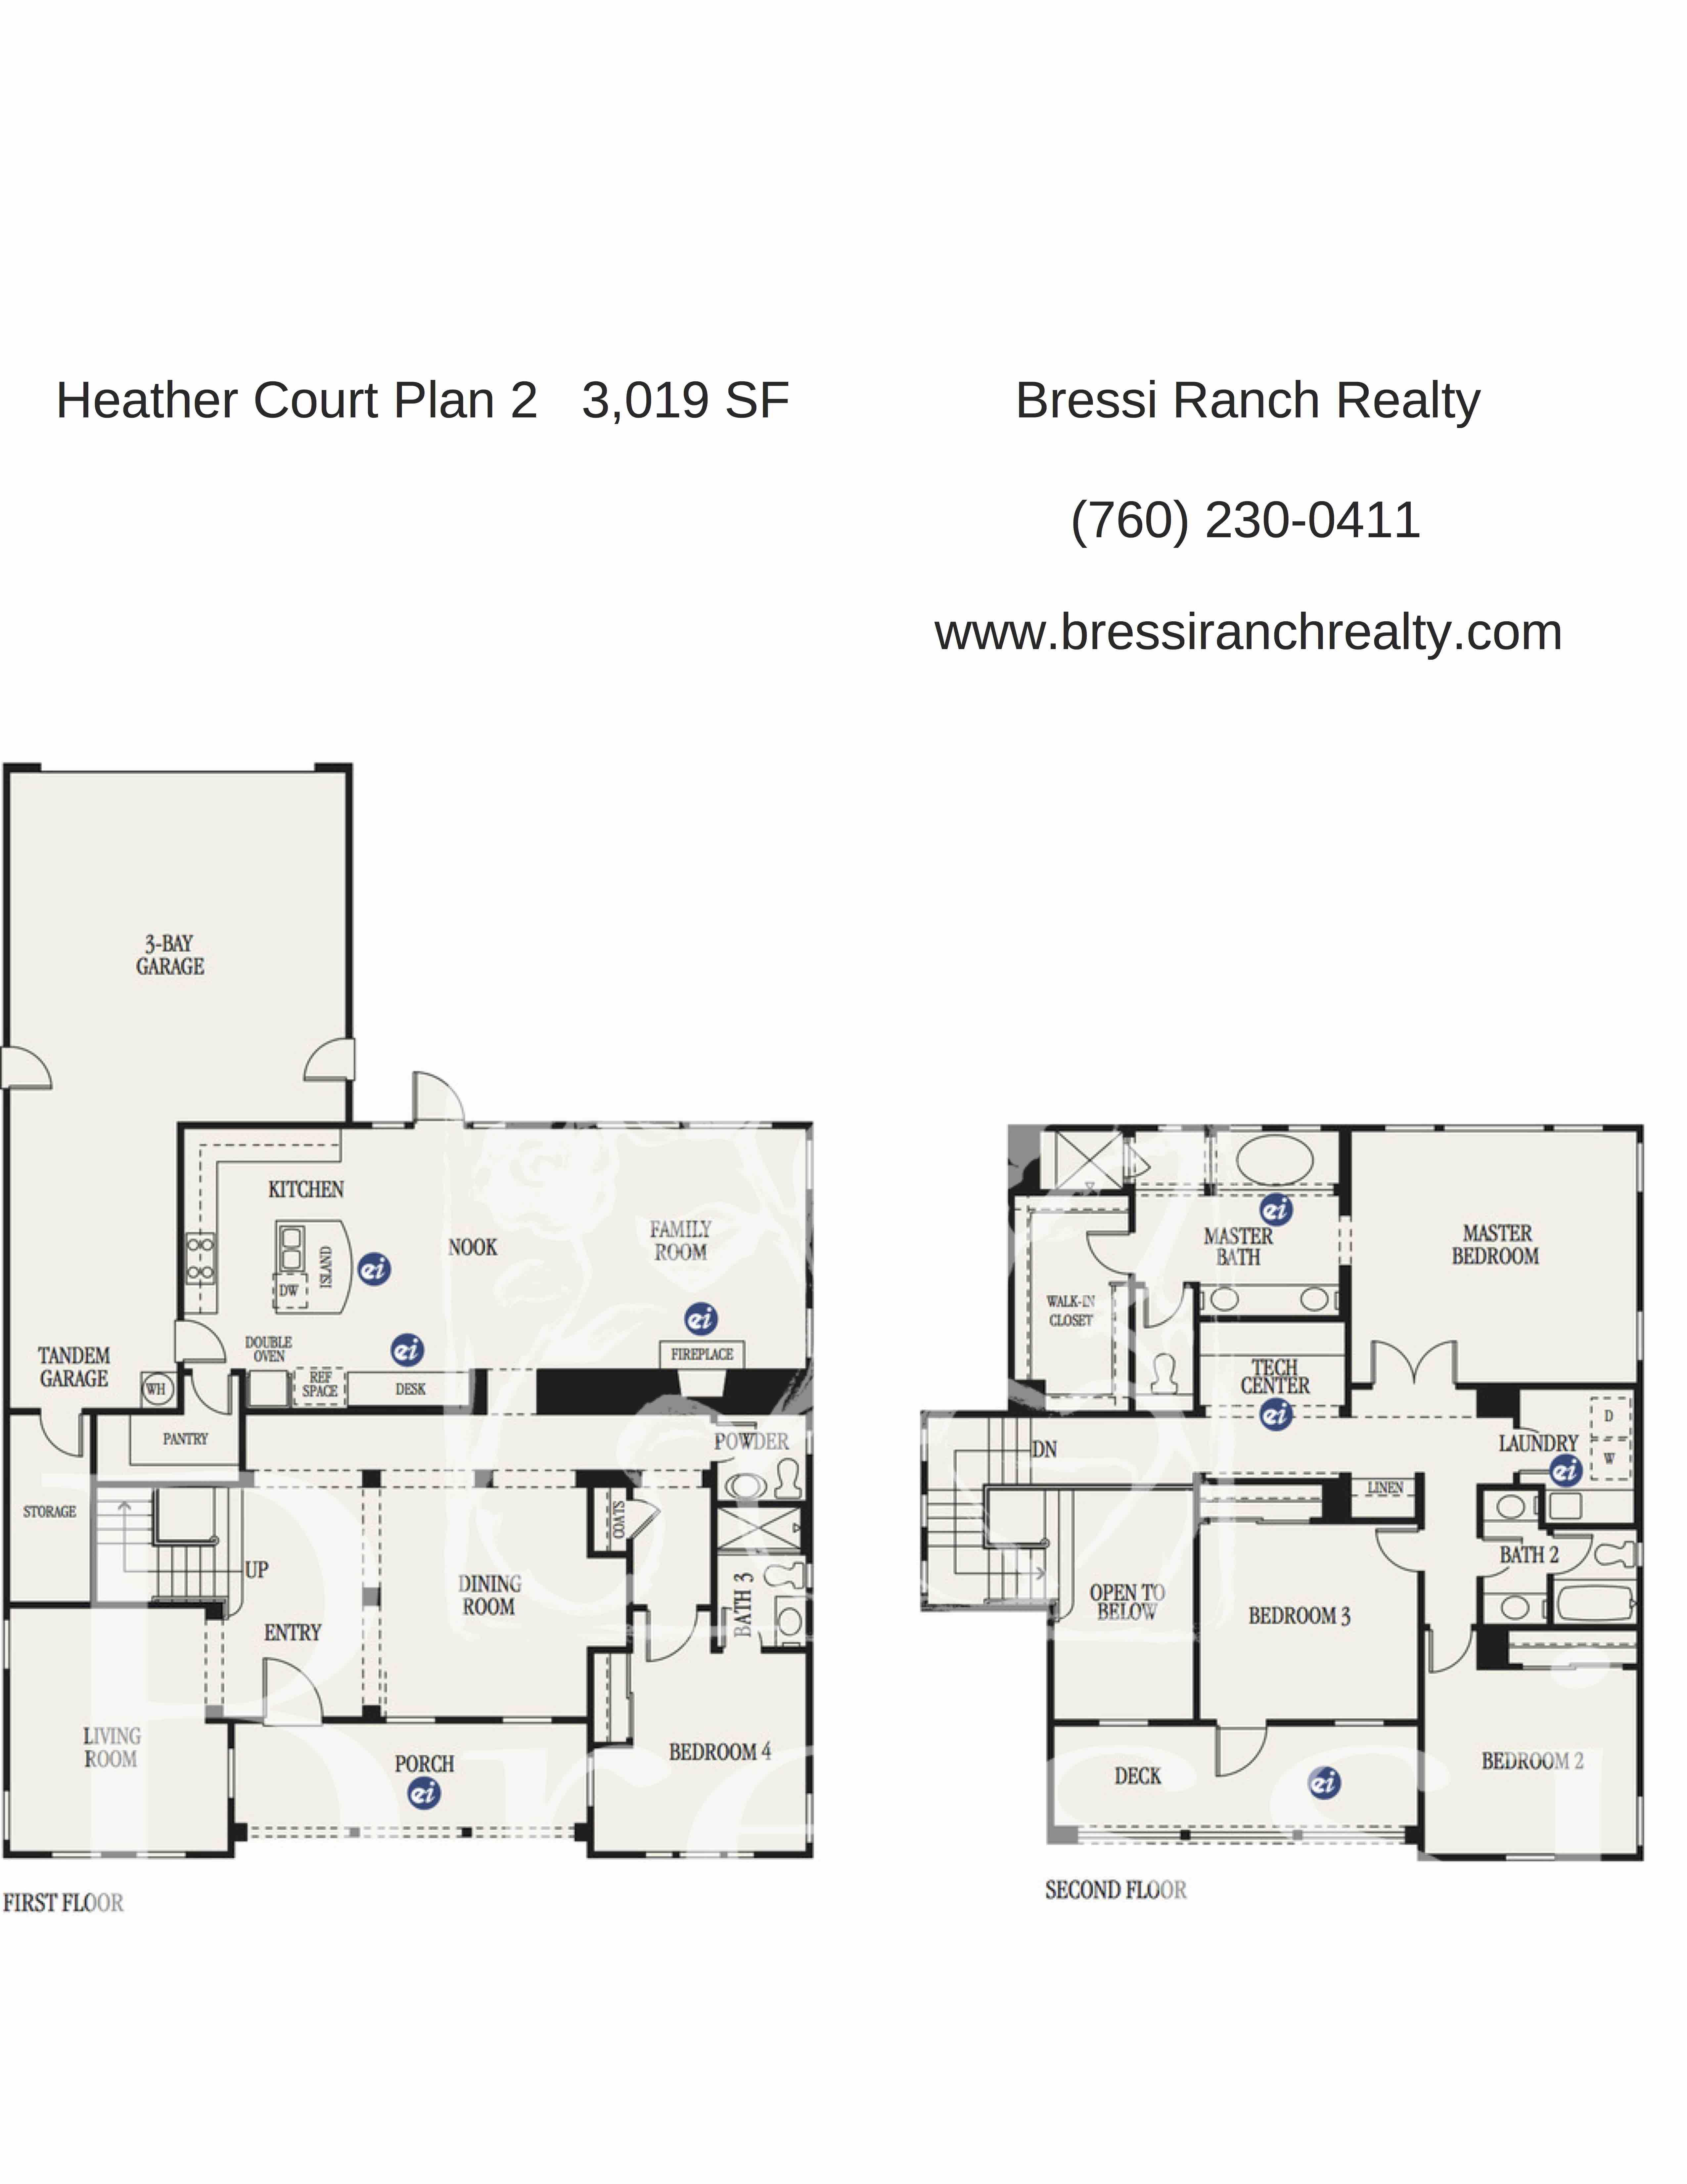 Heather Court Plan 2 Bressi Ranch